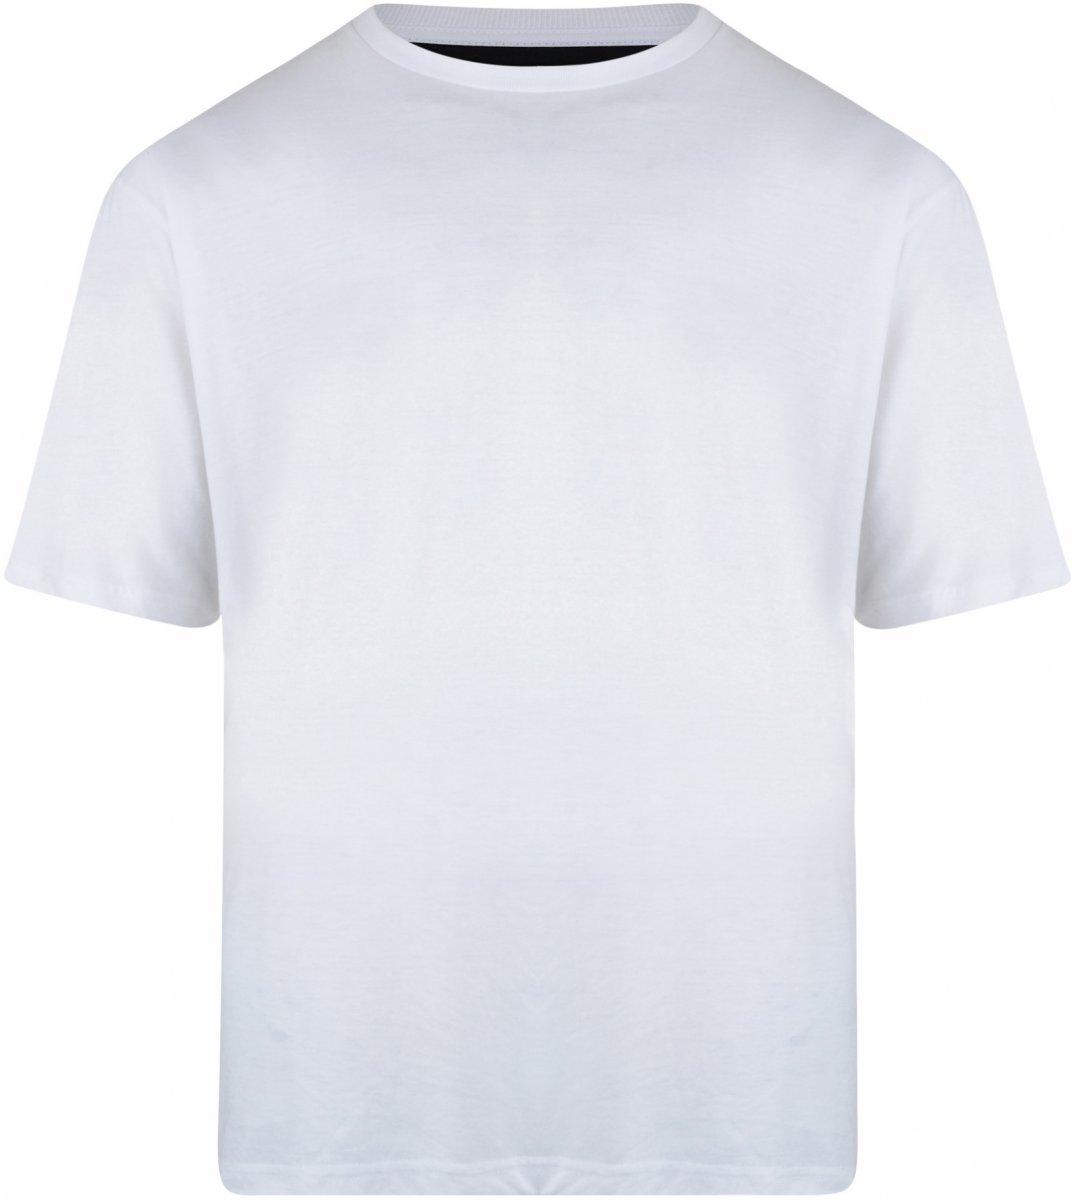 c911169d Motley Denim T-skjorte Hvit i store størrelser - MotleyDenim.no